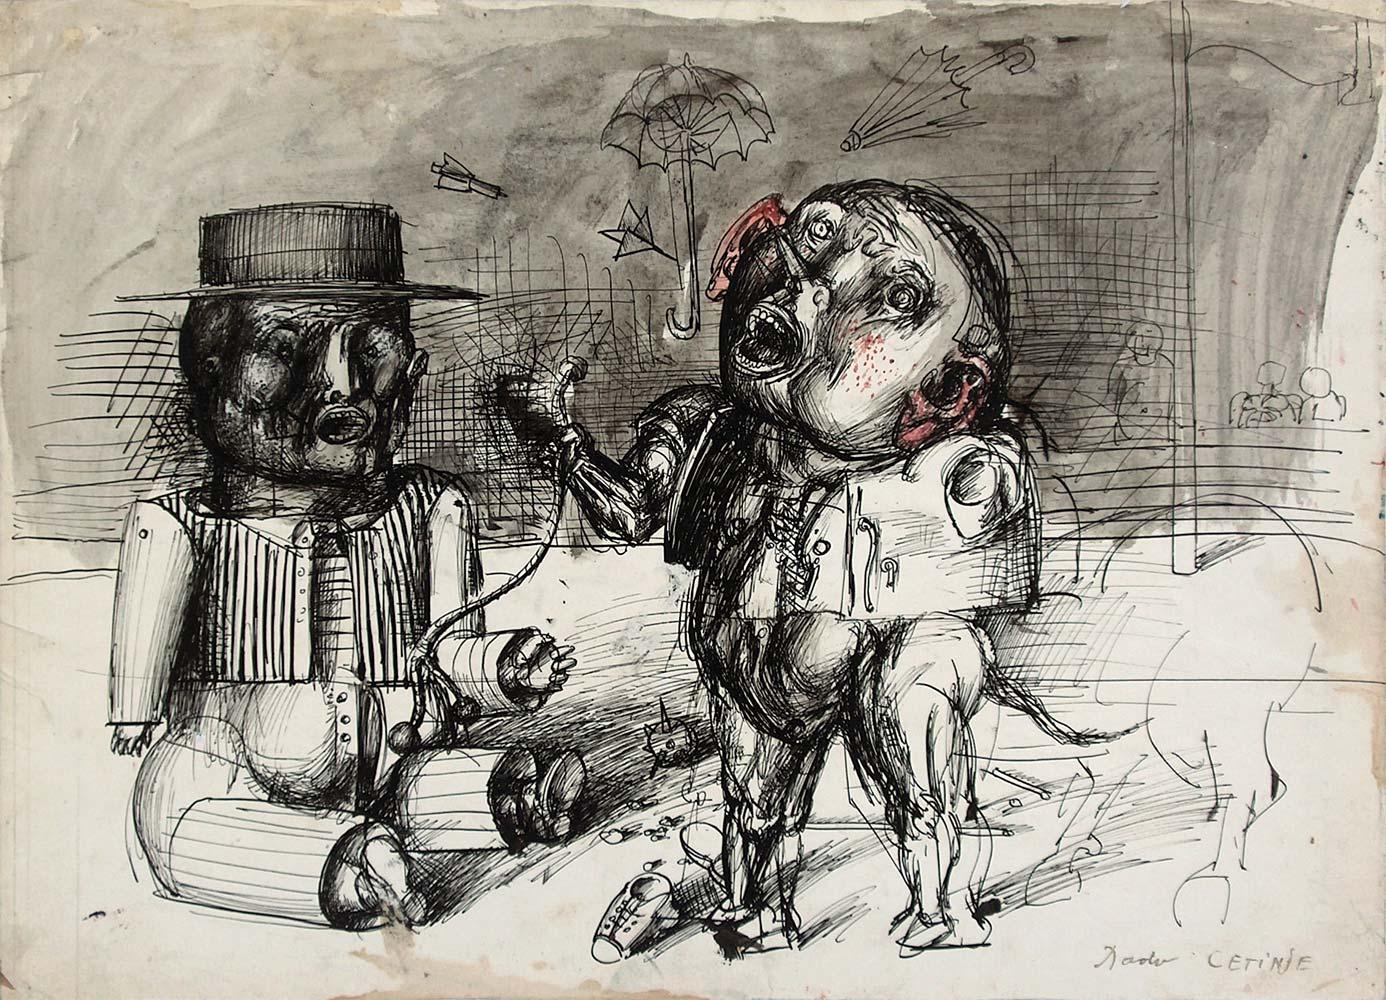 Dado's drawing: Man with umbrella